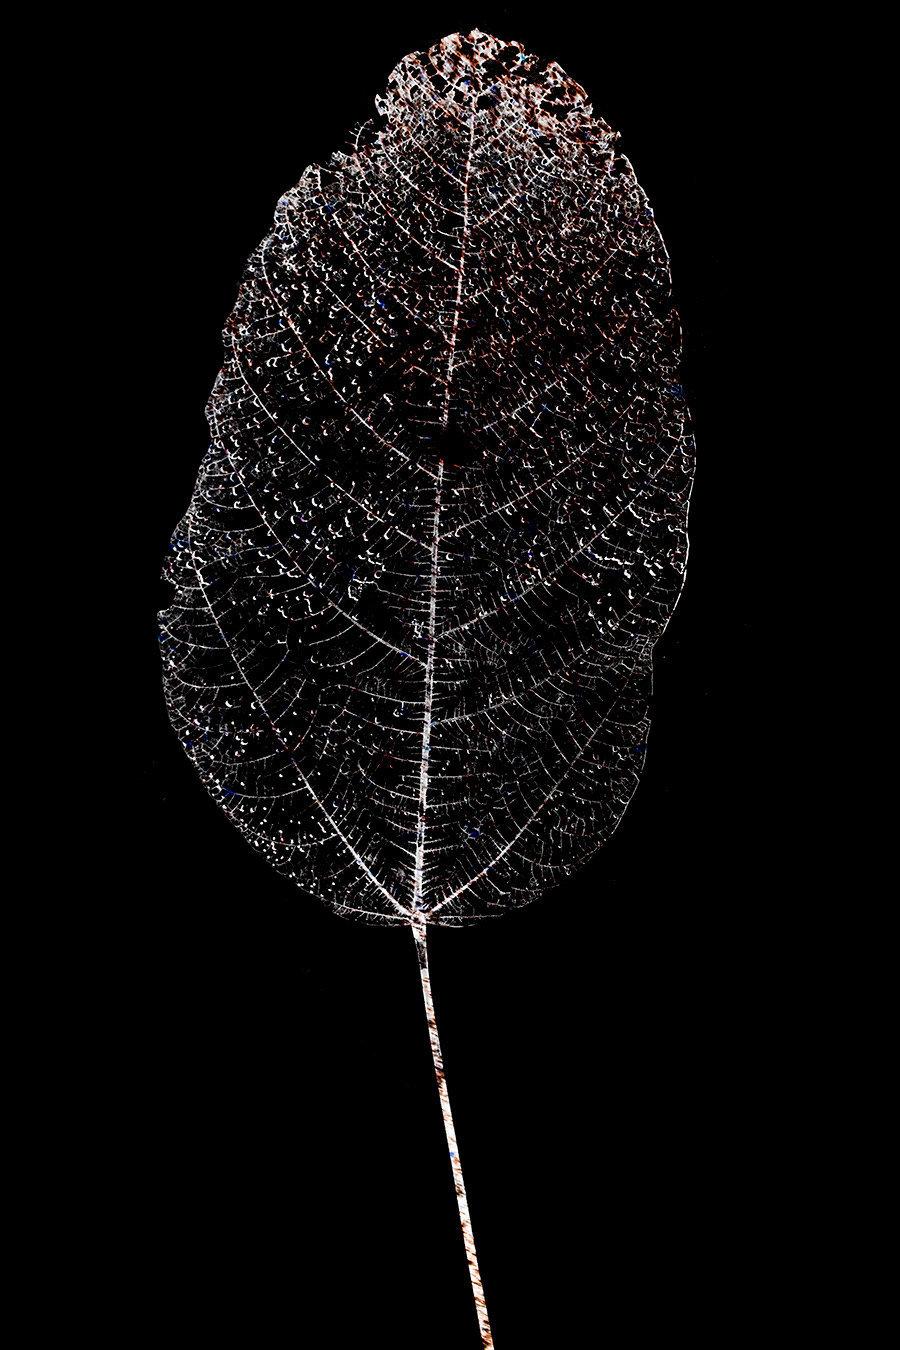 20180823-R0013343-Moon-Leaf-Paul-Cupido-Amazônia-2018-lowres.jpg